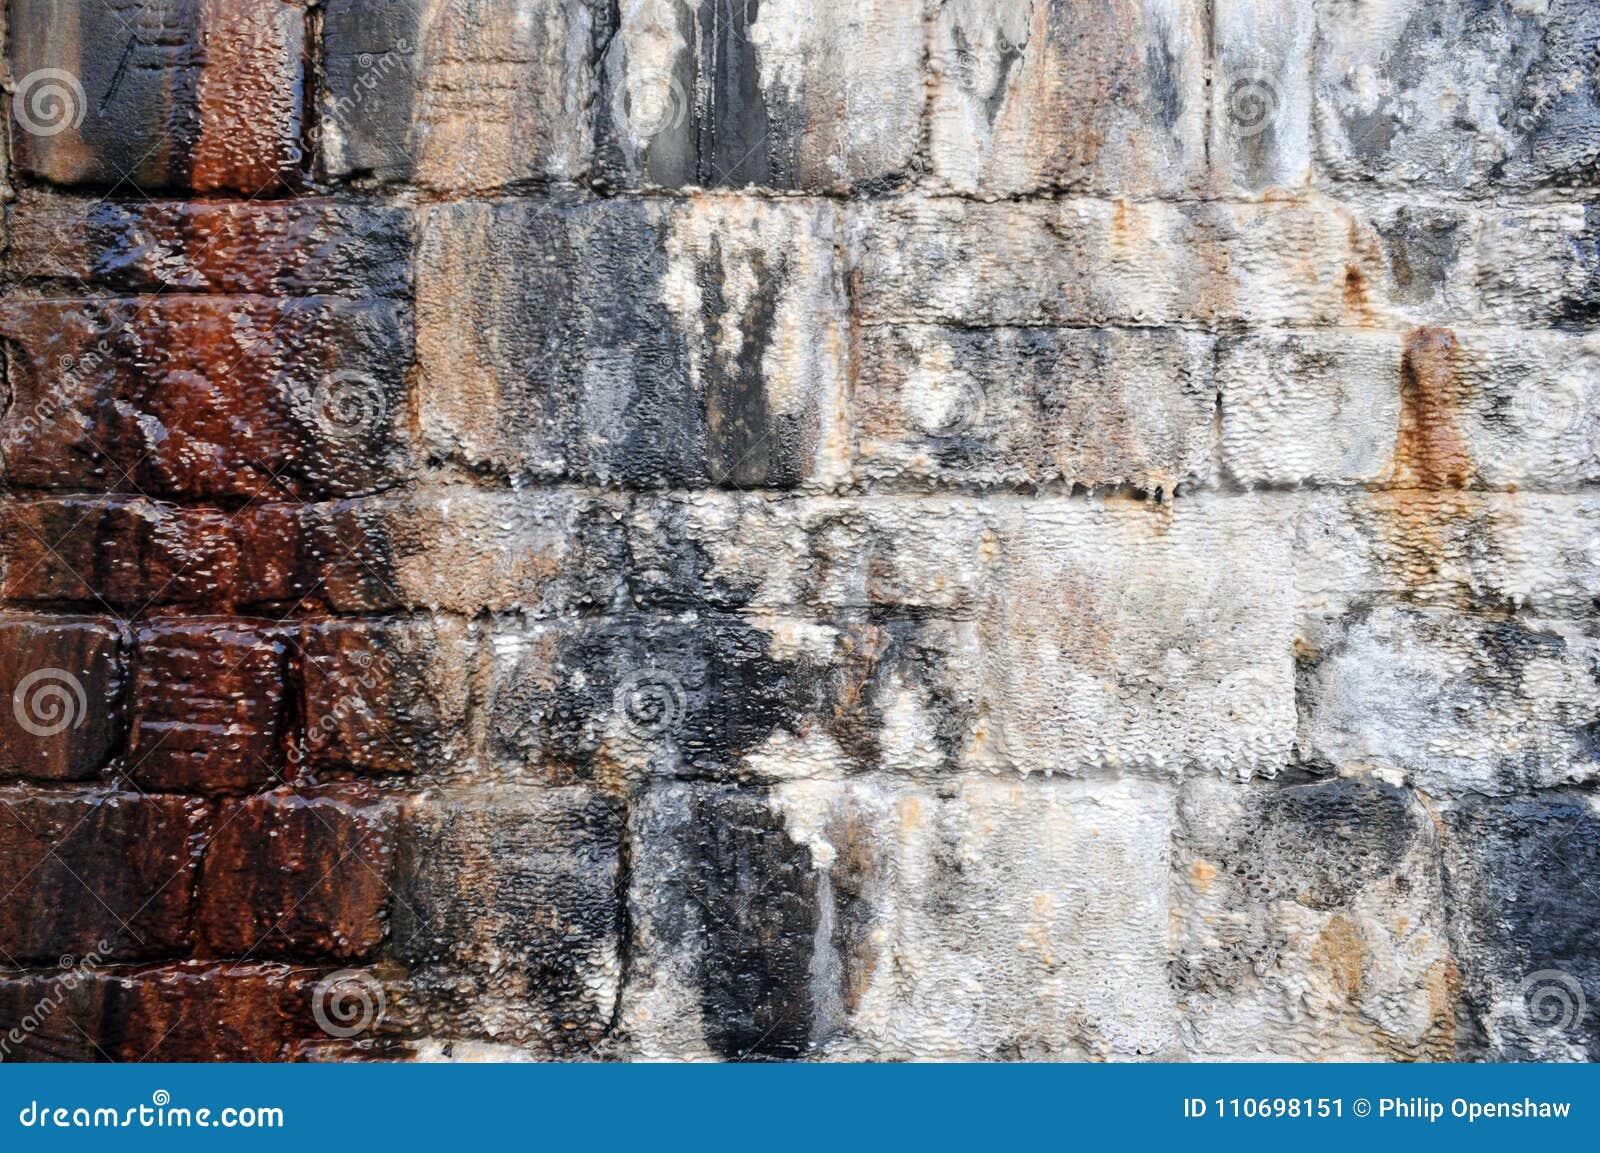 Pared De Piedra Exterior Humeda Con Las Marcas De Agua Y La Capa - Piedra-pared-exterior